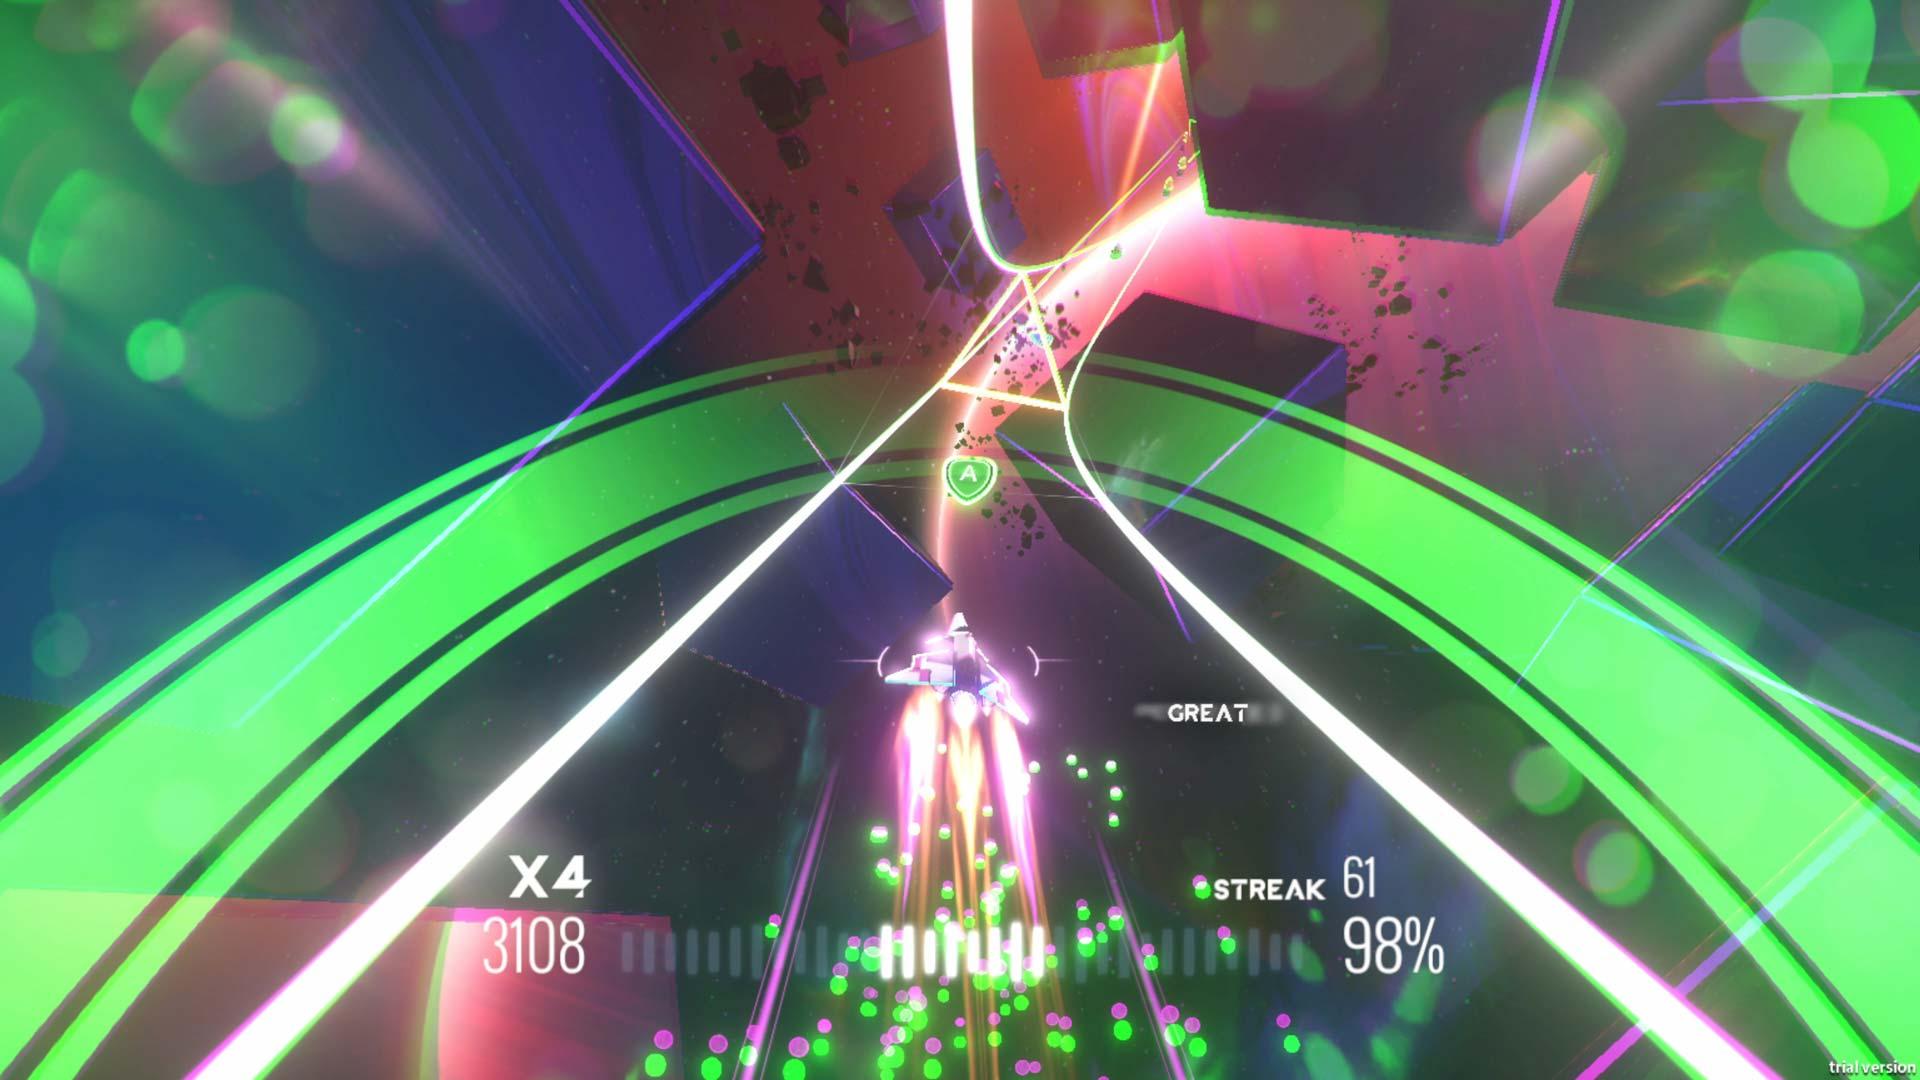 AVICII Invector: in arrivo il videogioco dedicato a Tim Bergling | YOUparti ps4 xbox pc